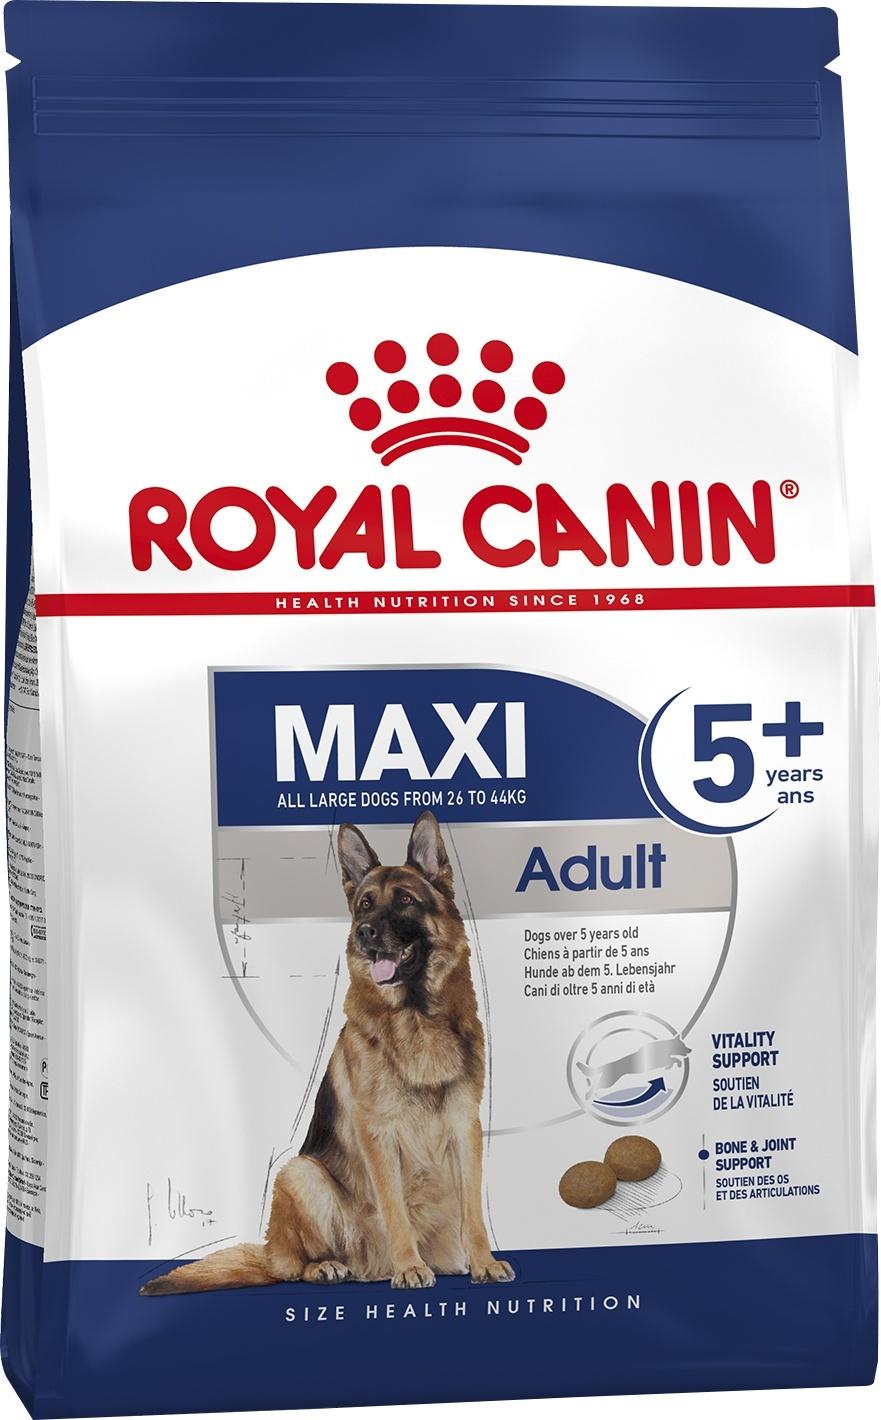 Royal Canin (сухие корма) Для пожилых собак крупных пород 5-8 лет (4 кг)